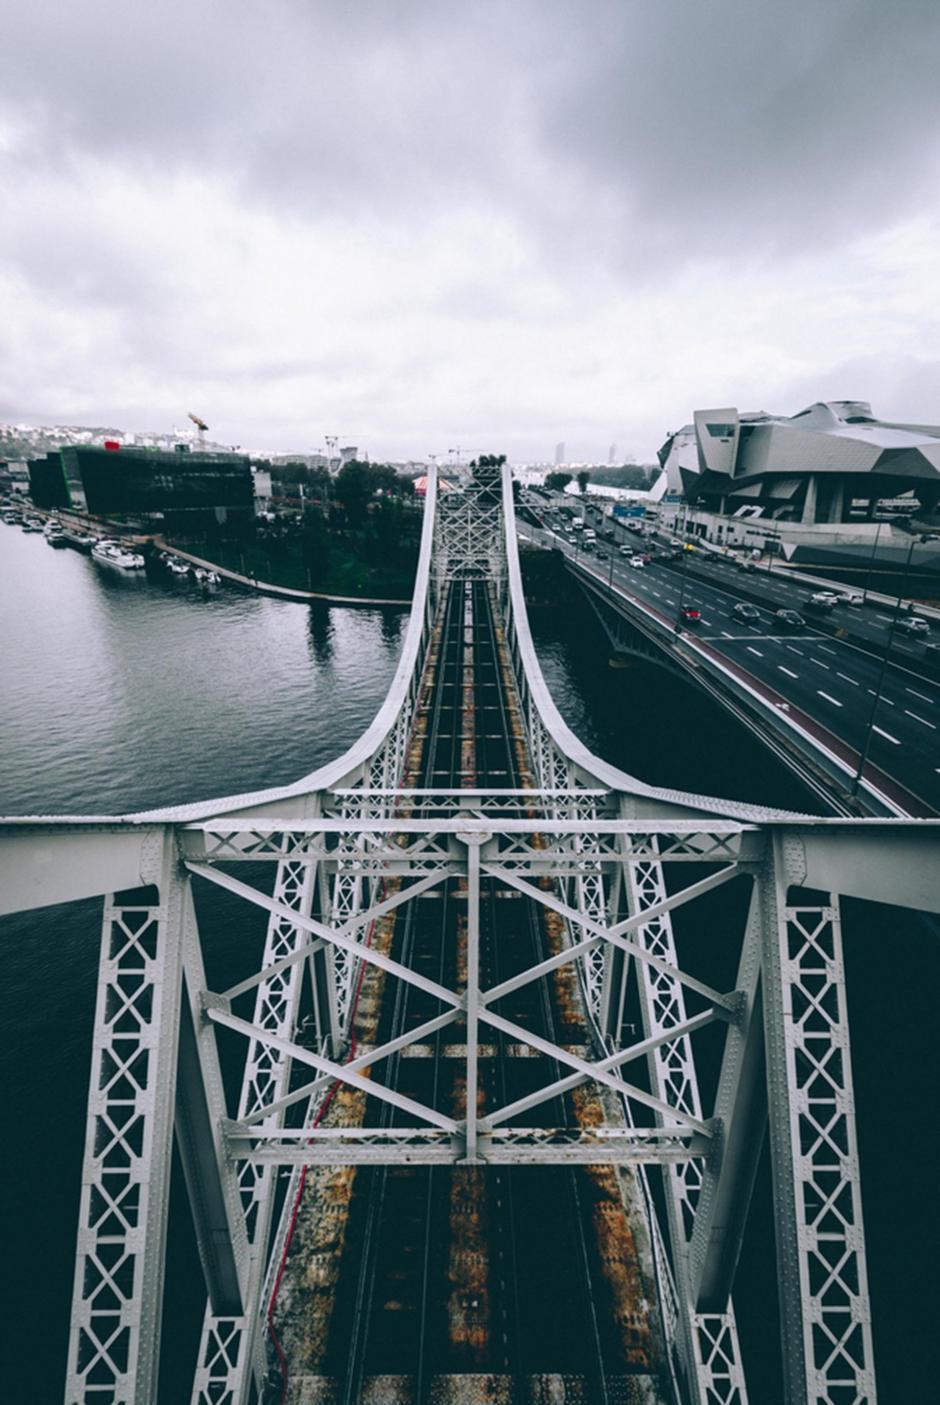 Murió al perder el equilibrio desde lo alto de un puente. (Foto: infobae.com)